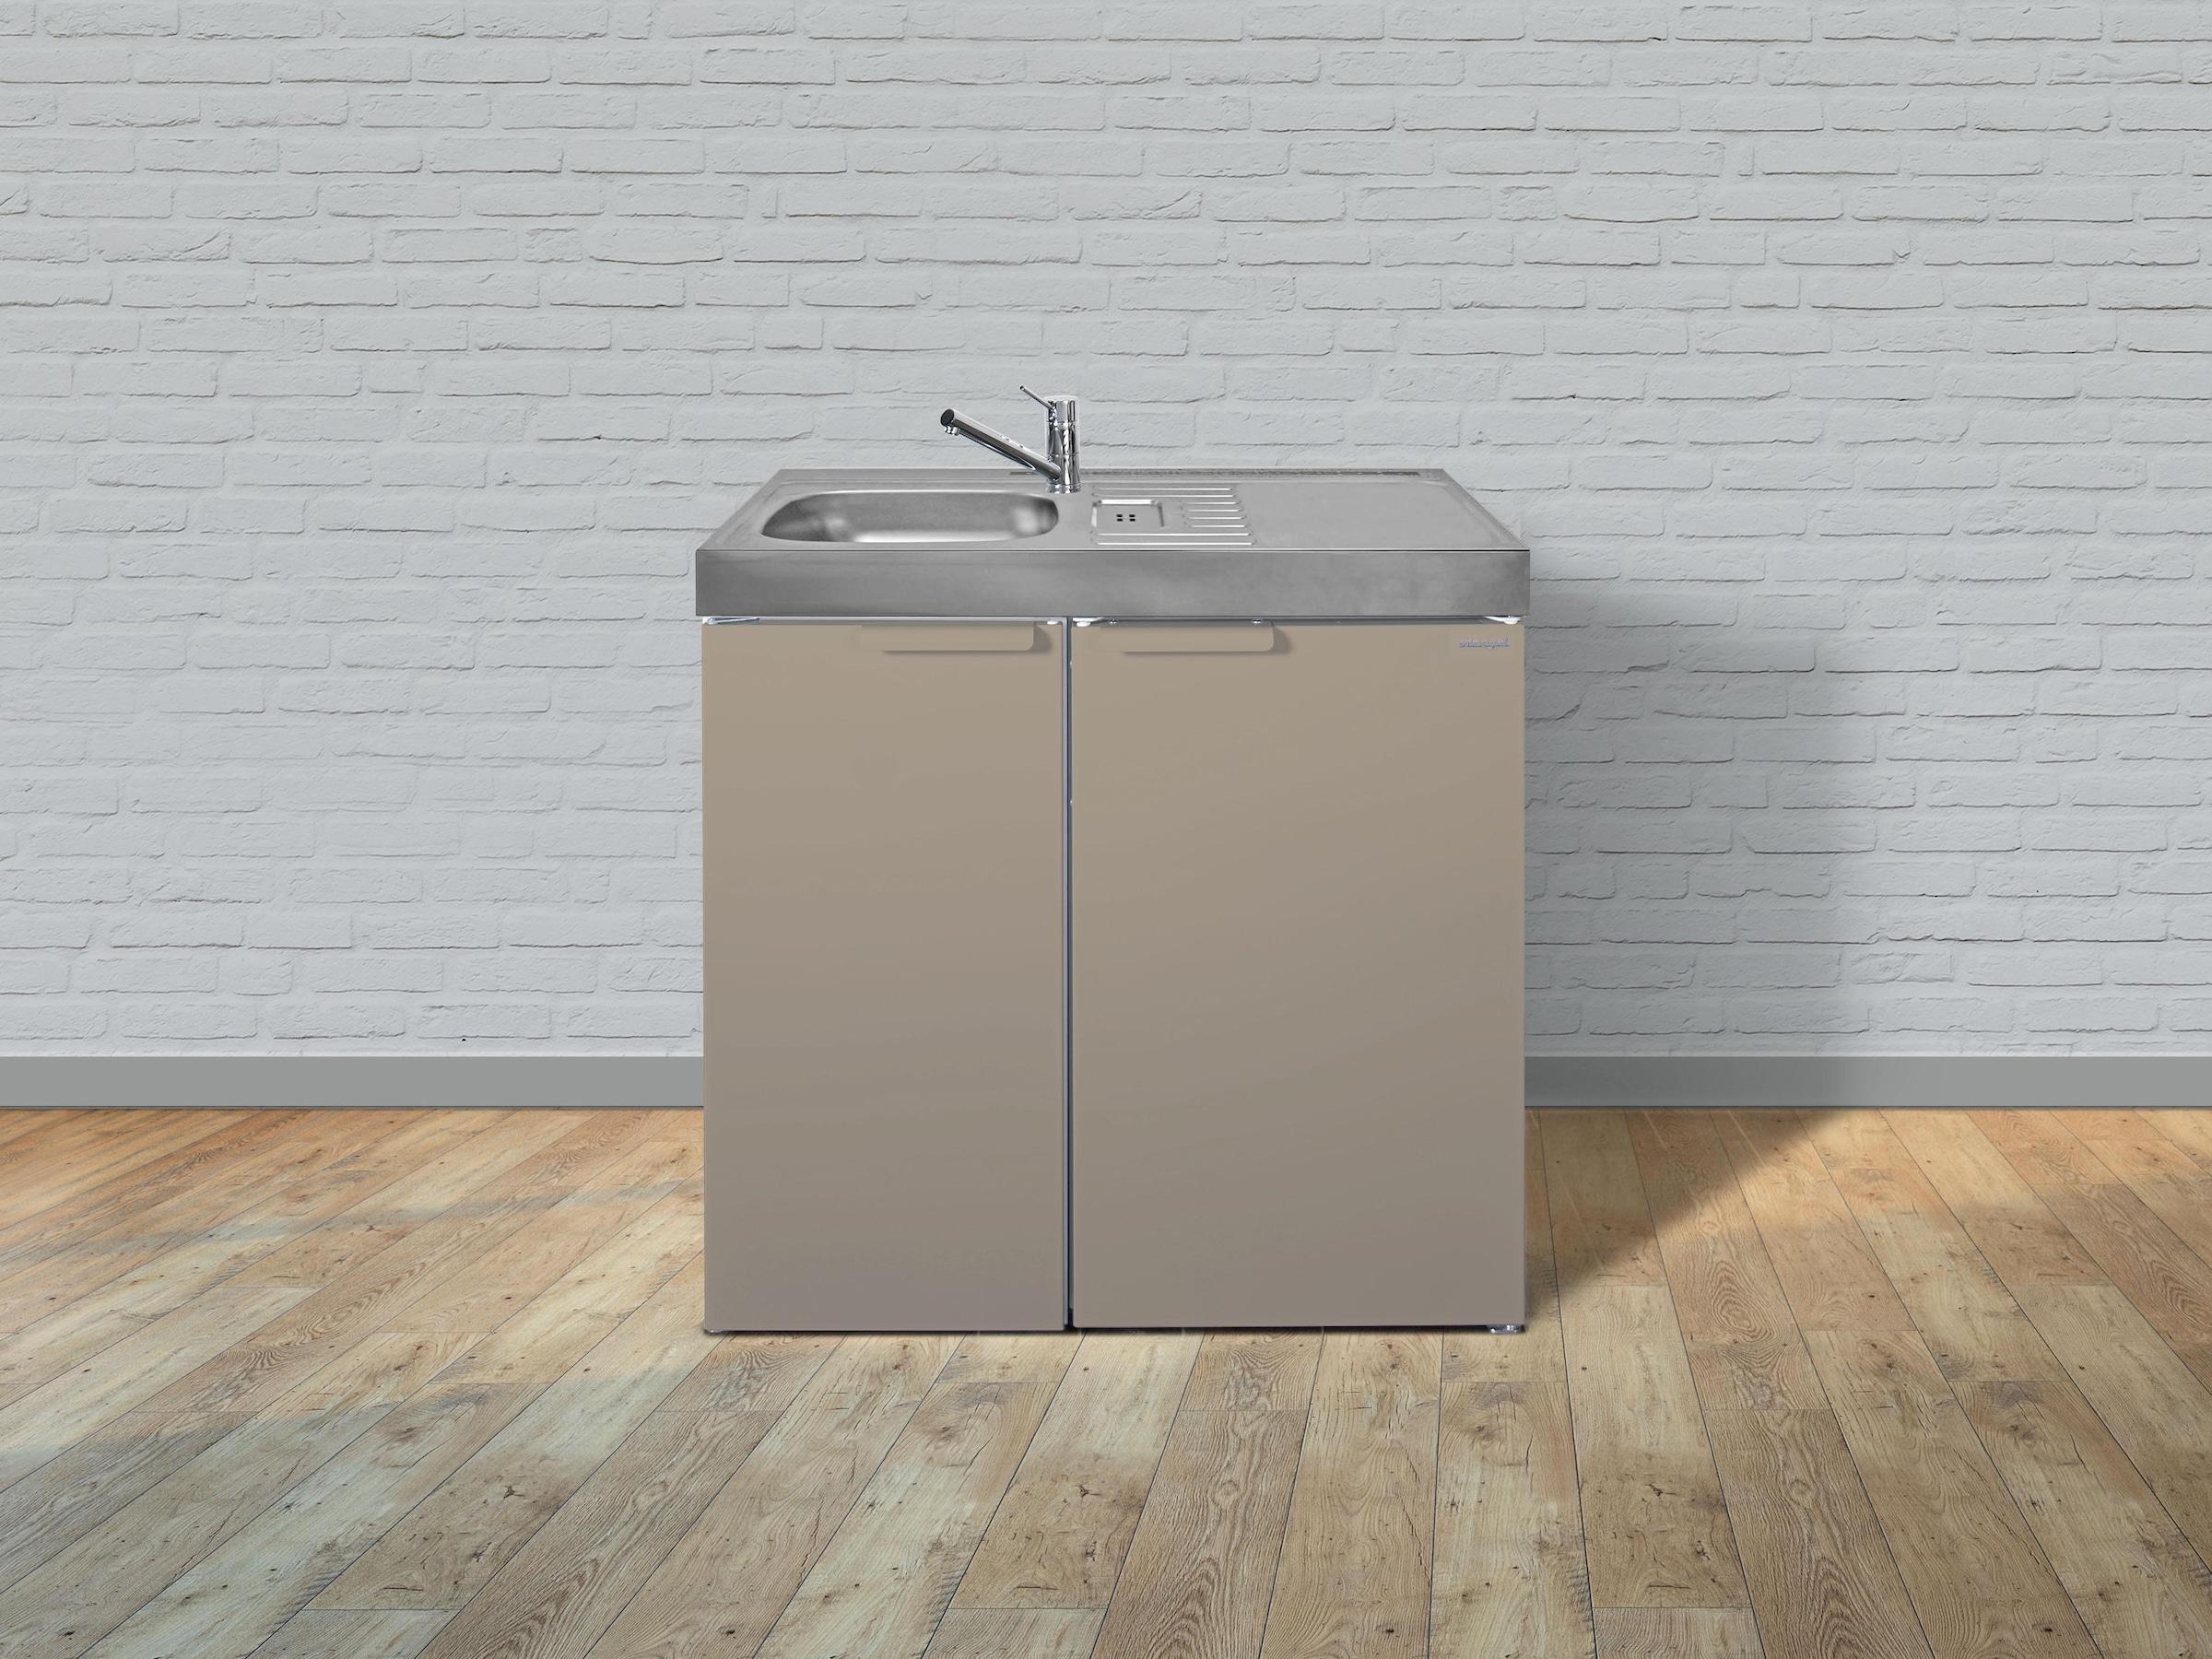 Miniküche Mit Kochfeld Und Kühlschrank : Stengel metall miniküche kitchenline mk mit kühlschrank ohne